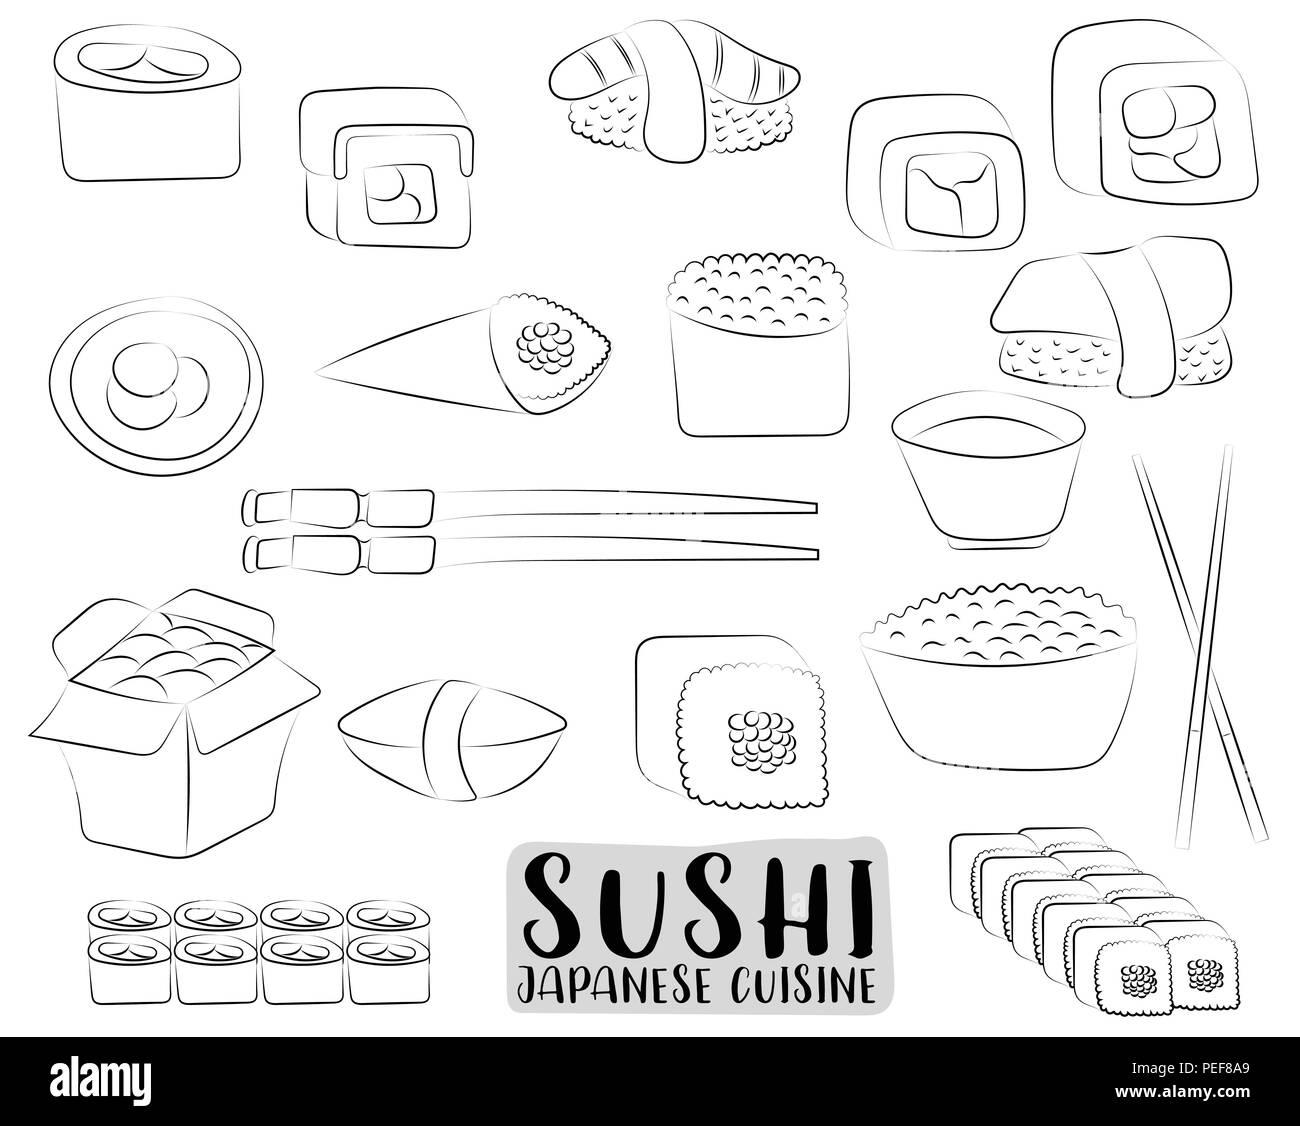 Y Los Rollos De Sushi Concepto De La Cocina Japonesa El Menú Del